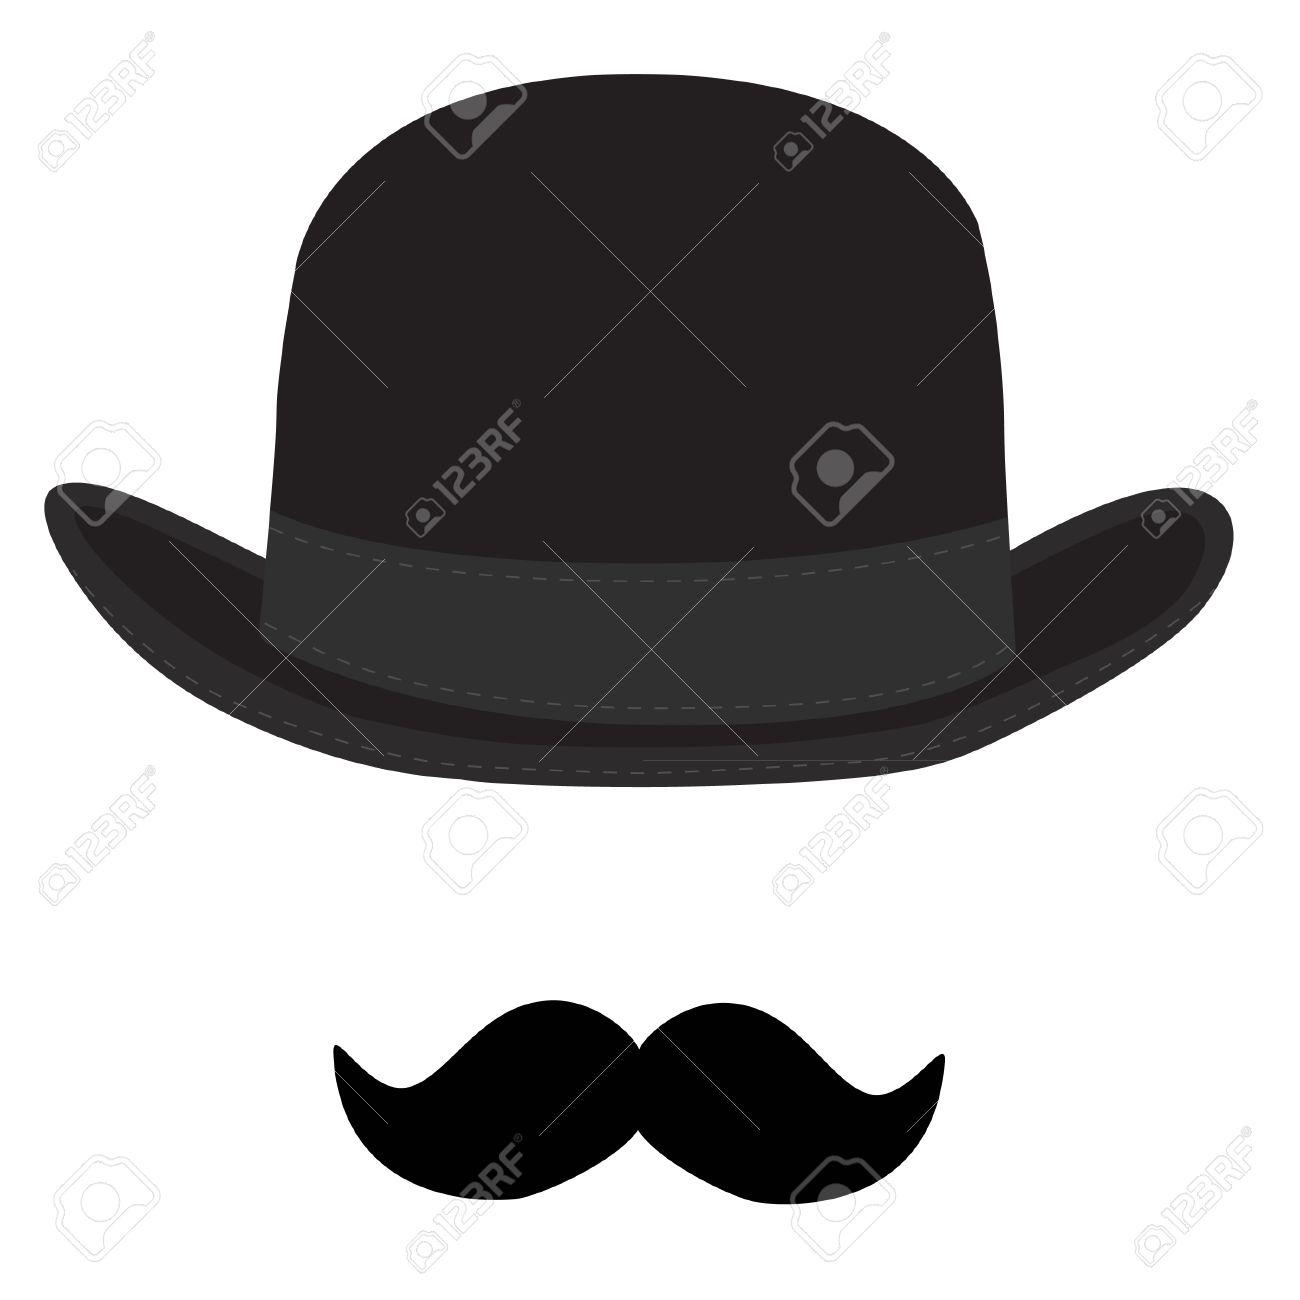 be26bfe5109d4 Illustration - raster illustration of black derby hat and mustache. Bowler  hat. Black fashion gentleman hat